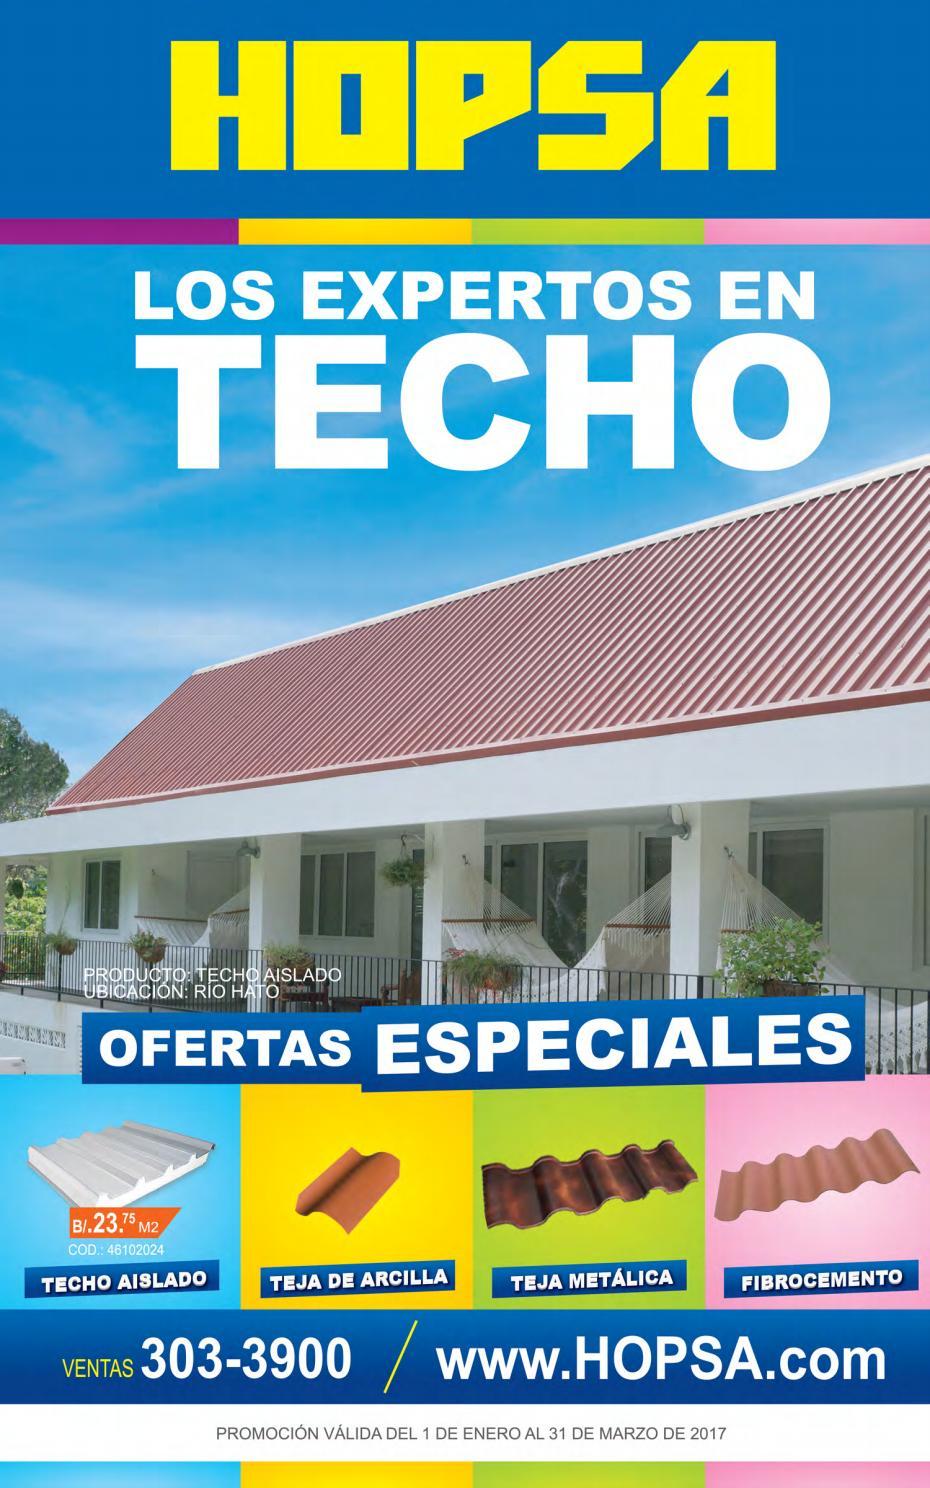 Hopsa catalogo de ofertas by interiores estilo issuu - Hogarium catalogo de ofertas ...